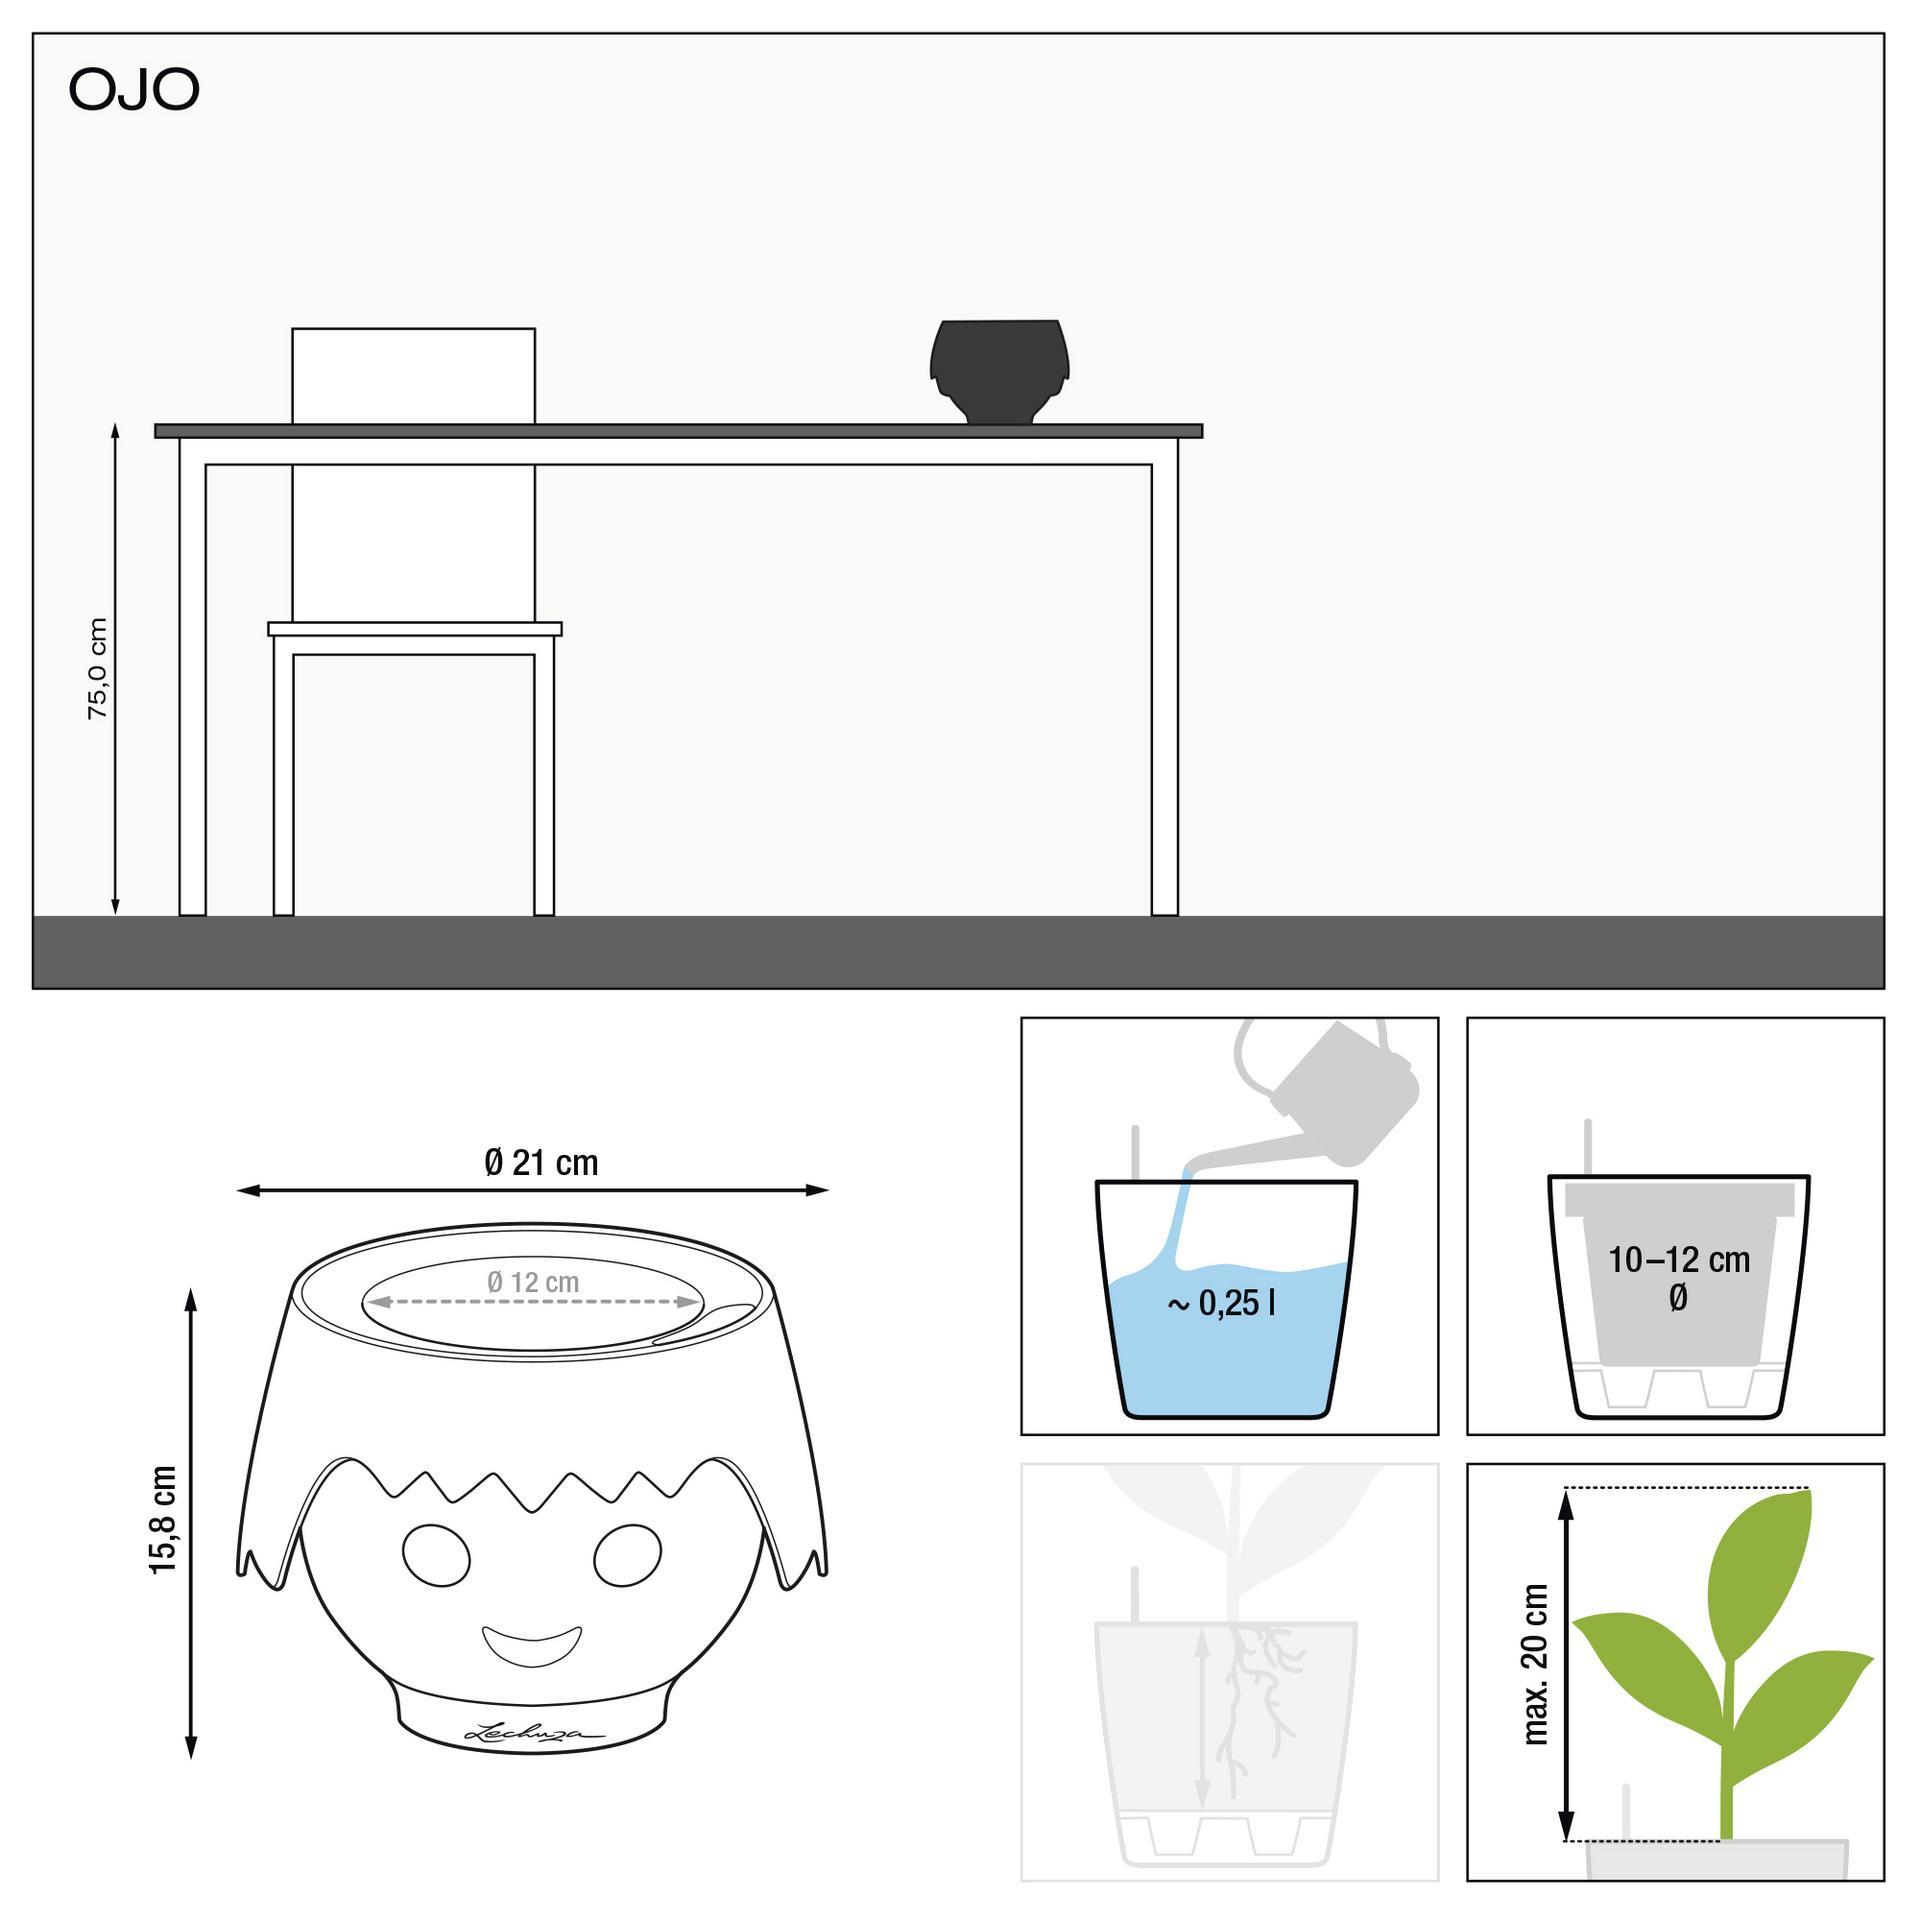 le_ojo_product_addi_nz